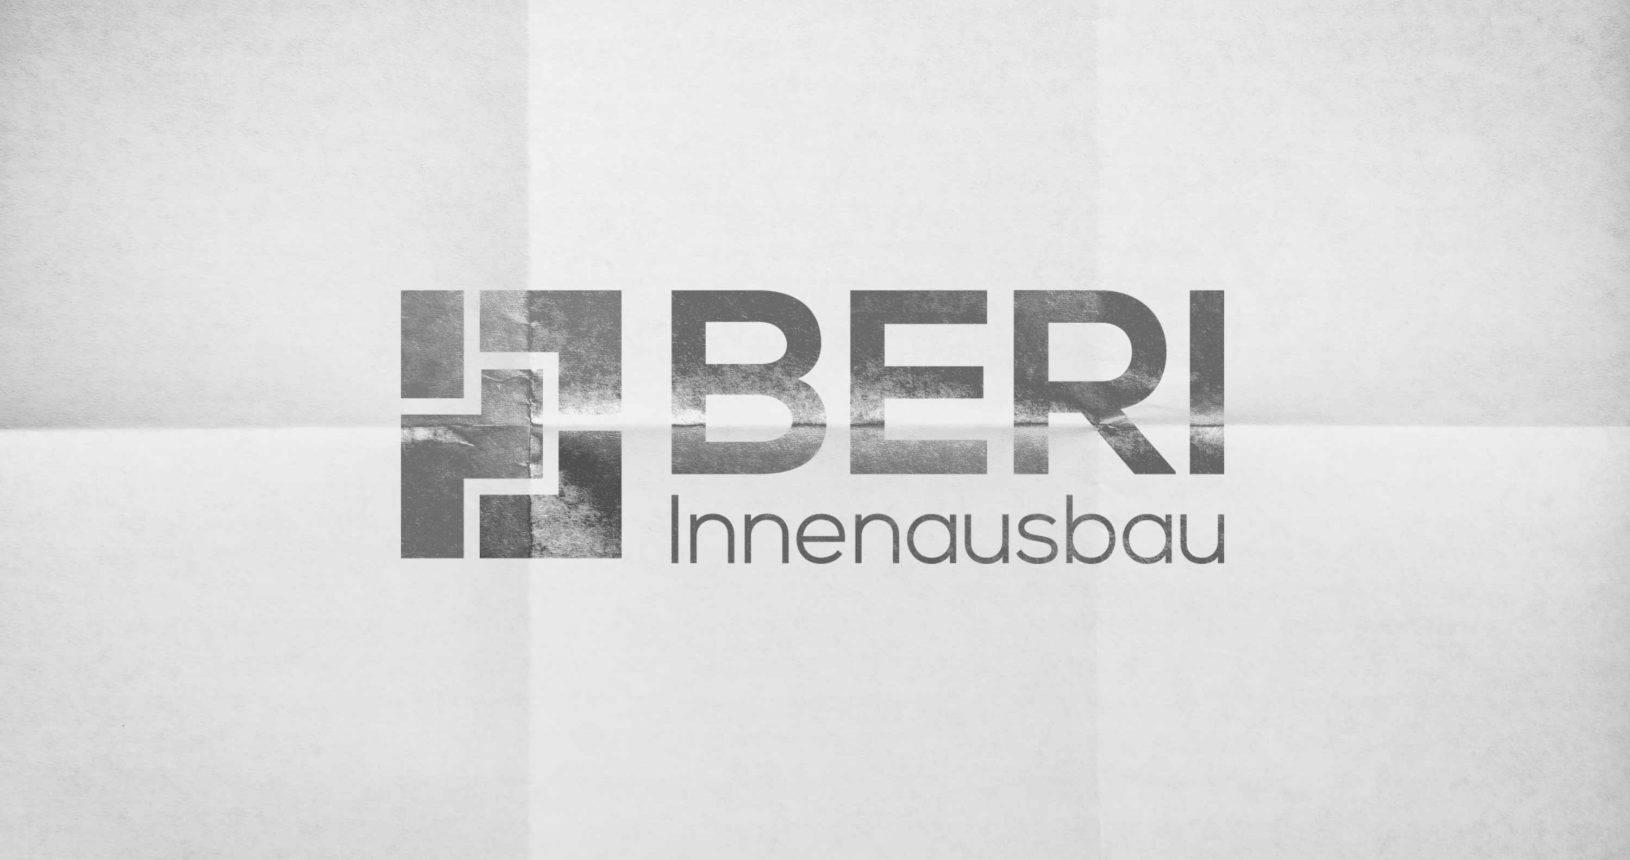 WERBEDESIGN-München